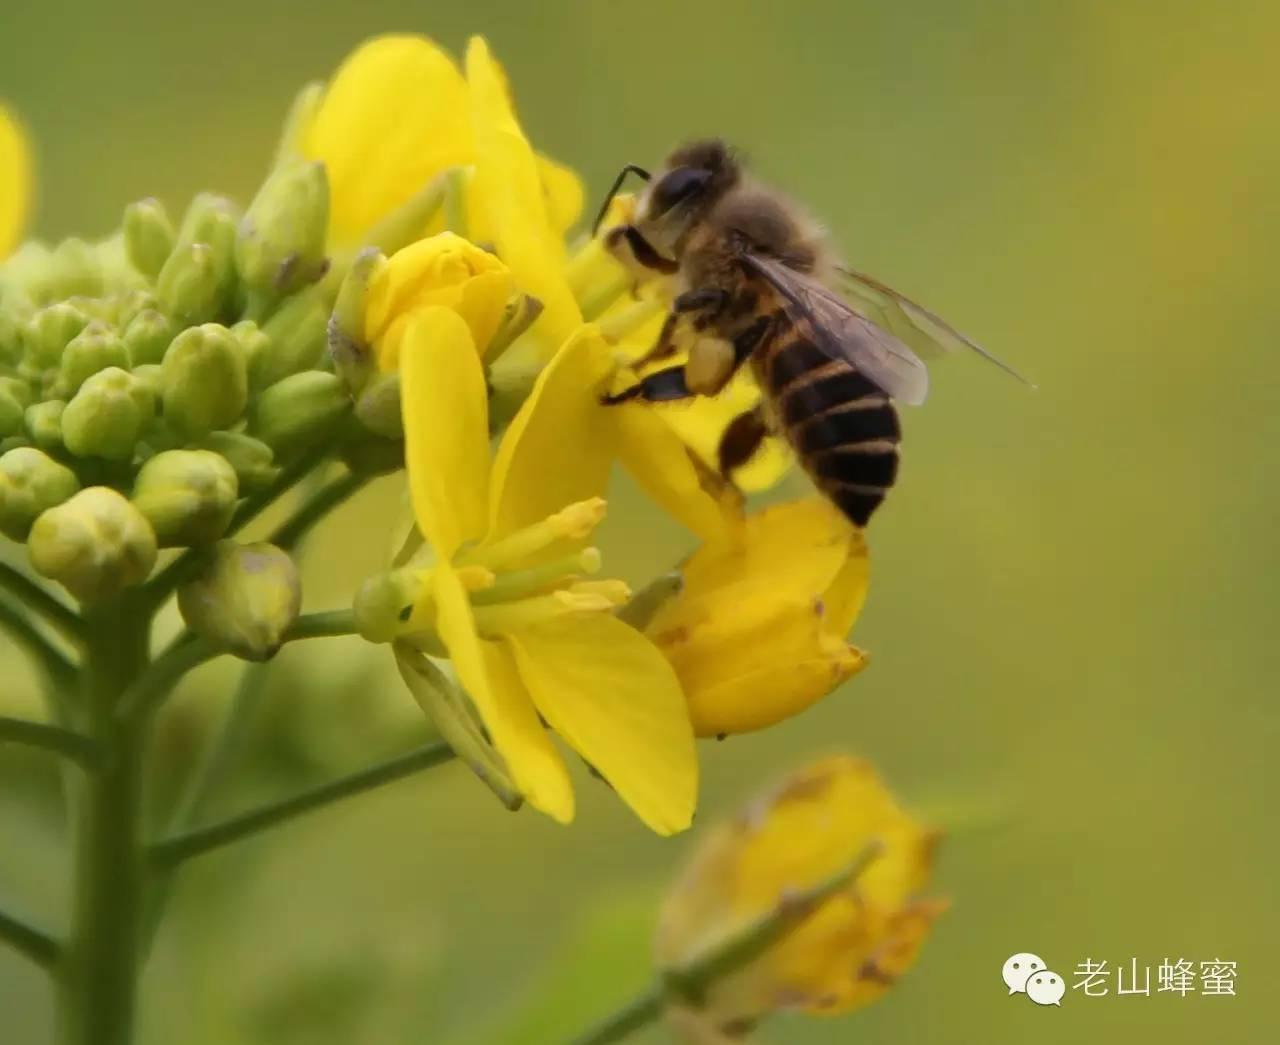 蜂蜜祛痘印 绿豆蜂蜜面膜 好蜂蜜的鉴别方法 蜂花粉怎么吃 花蜜